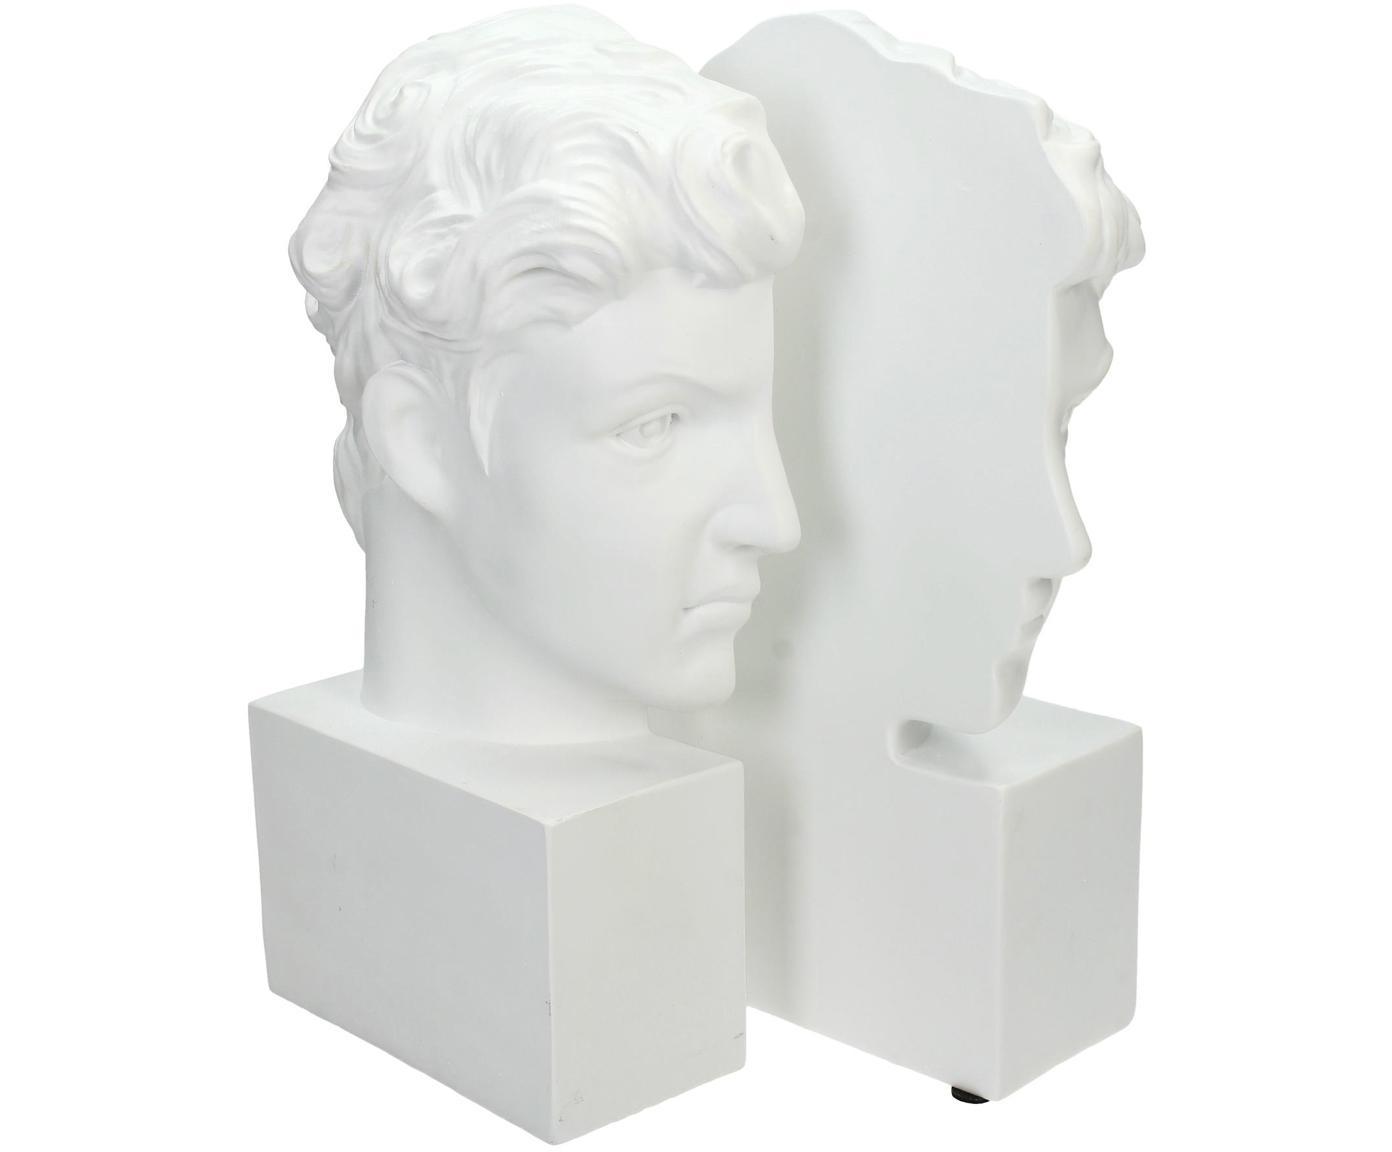 Boekensteunen David, 2 stuks, Polyresin, Wit, 15 x 26 cm